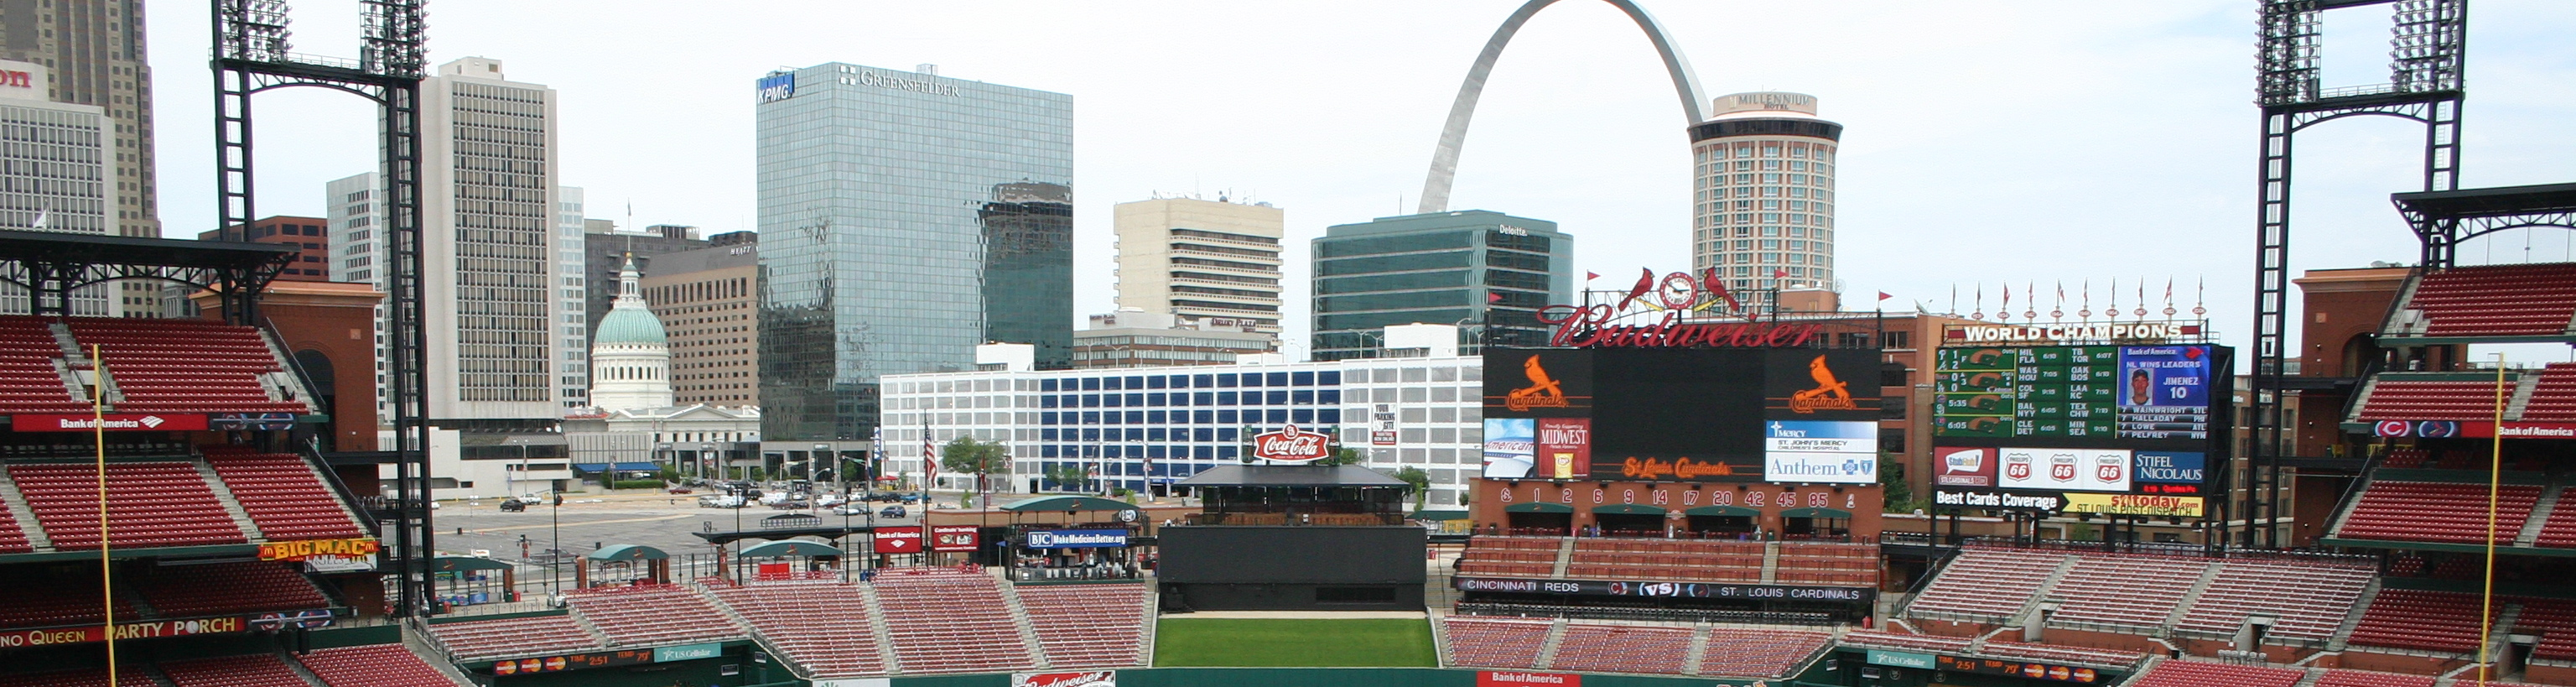 Busch_Stadium_Arch.jpg